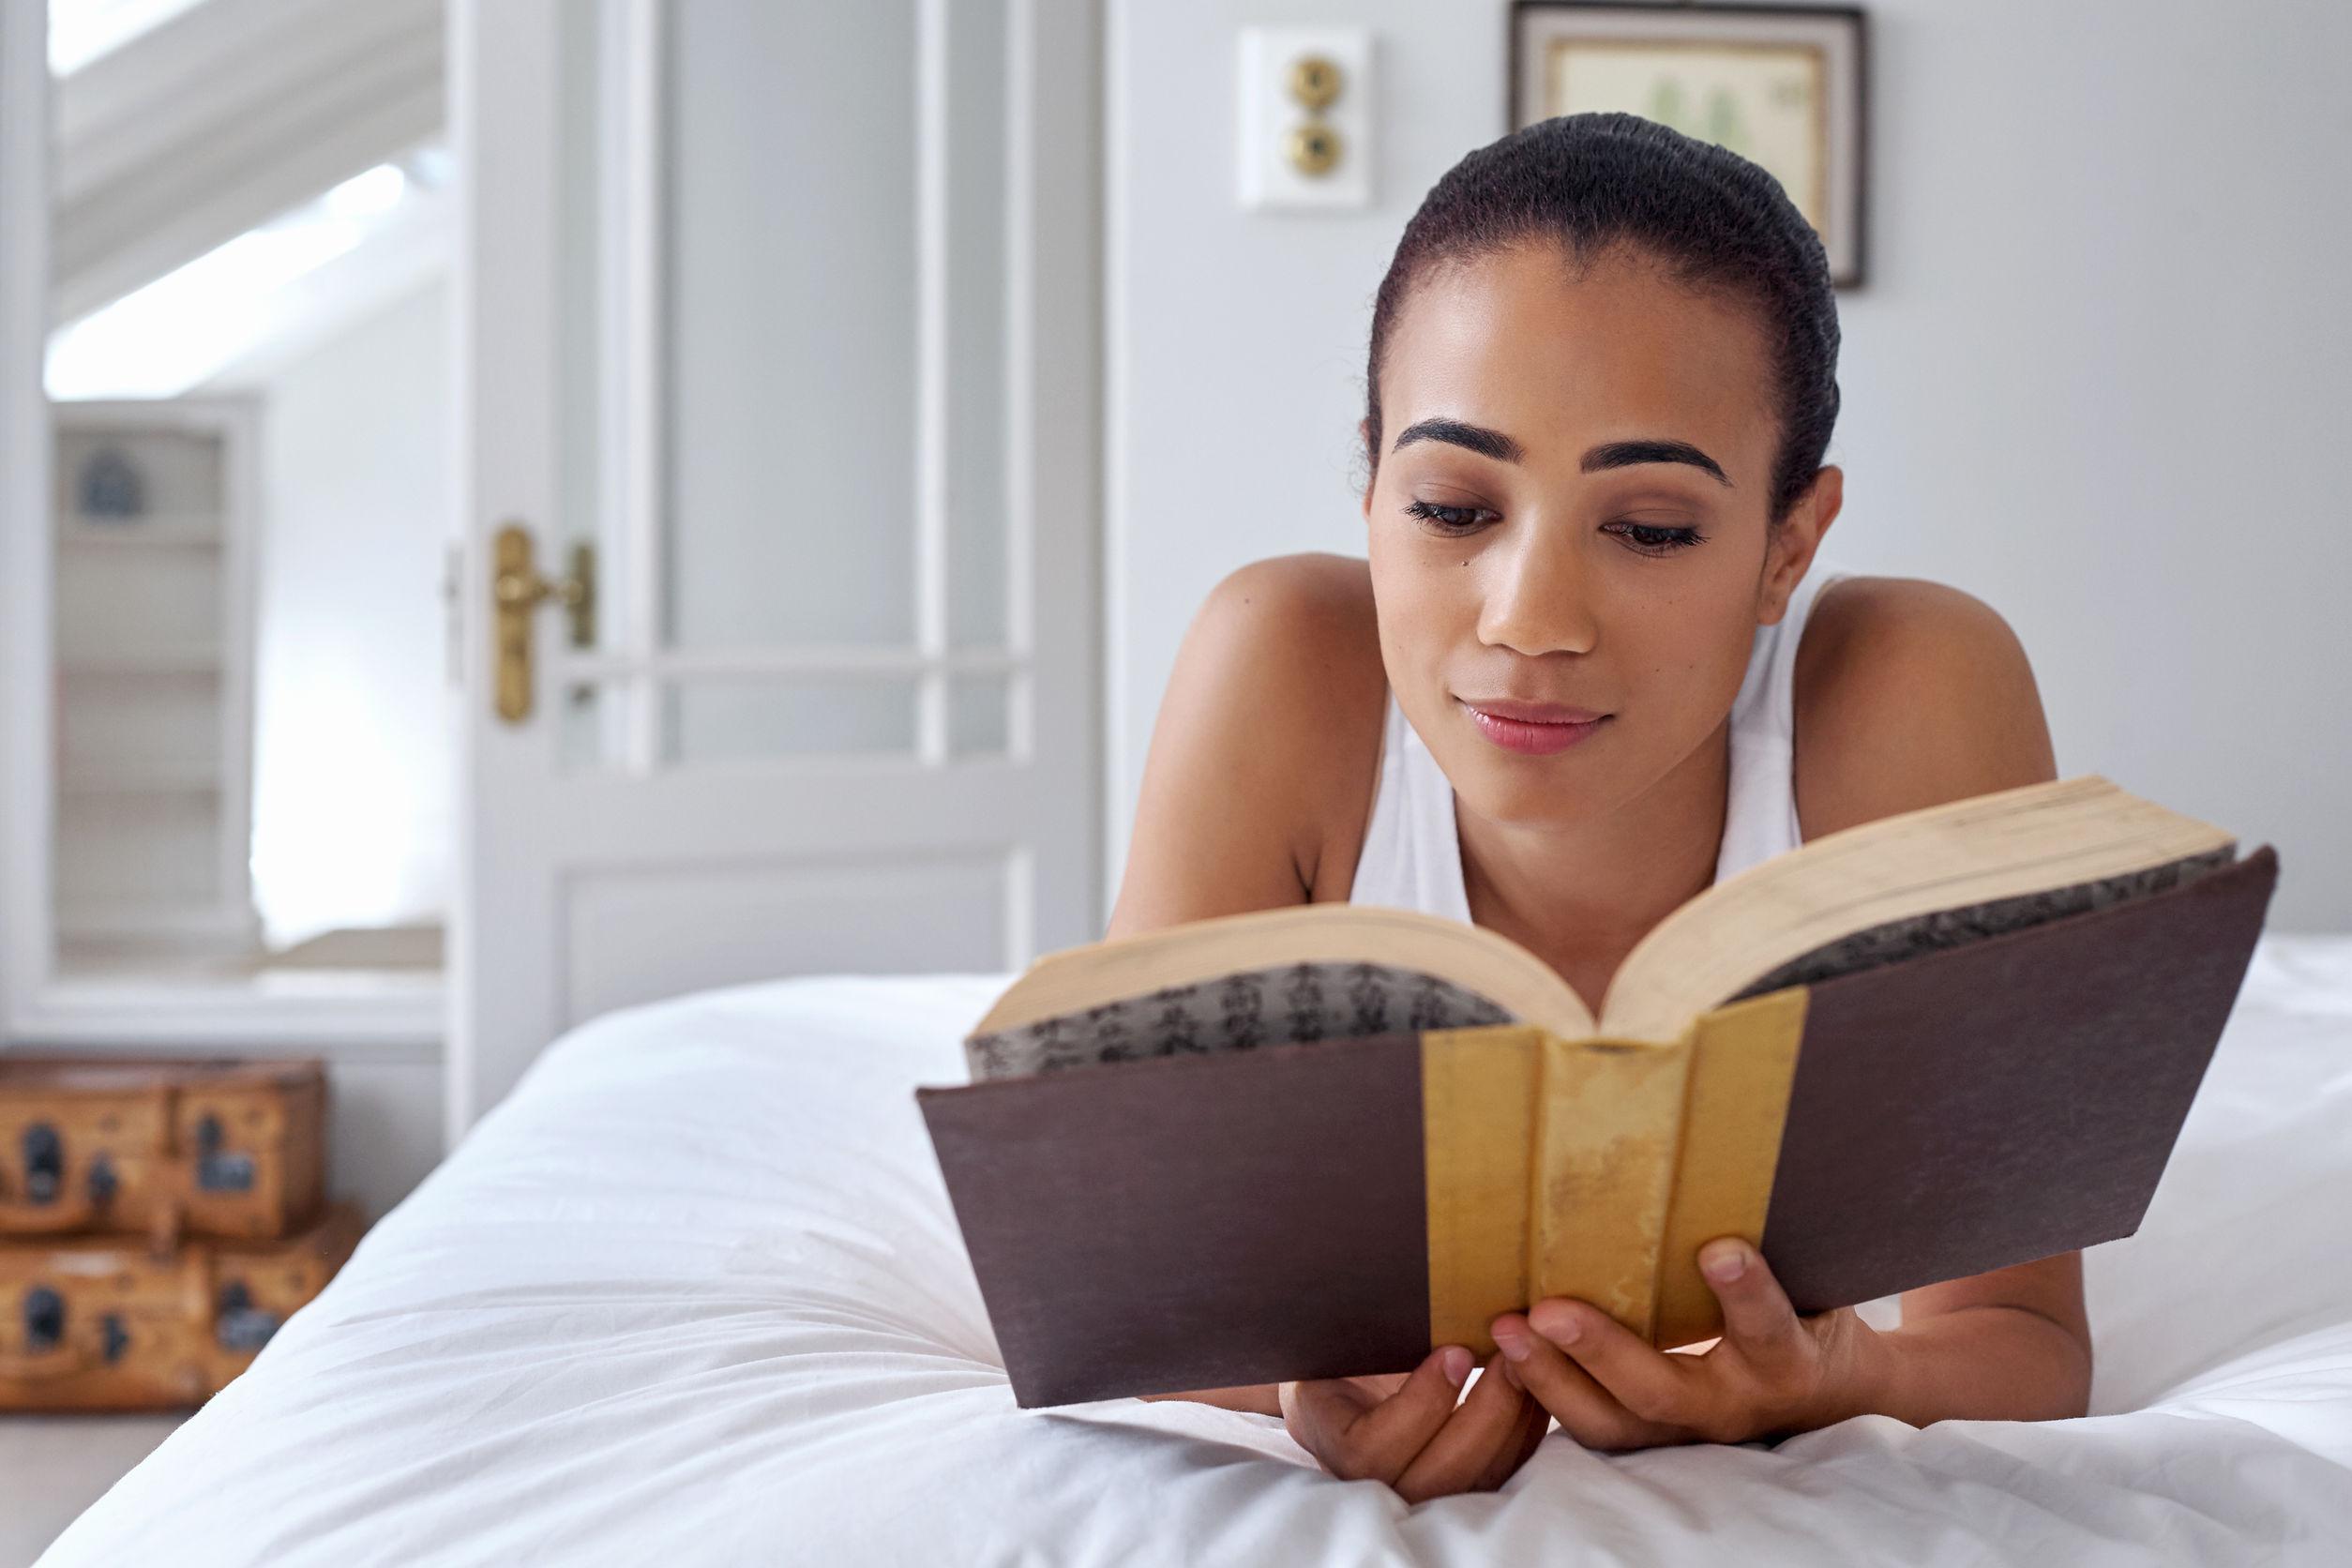 Étudiant : 8 conseils pour trouver un logement